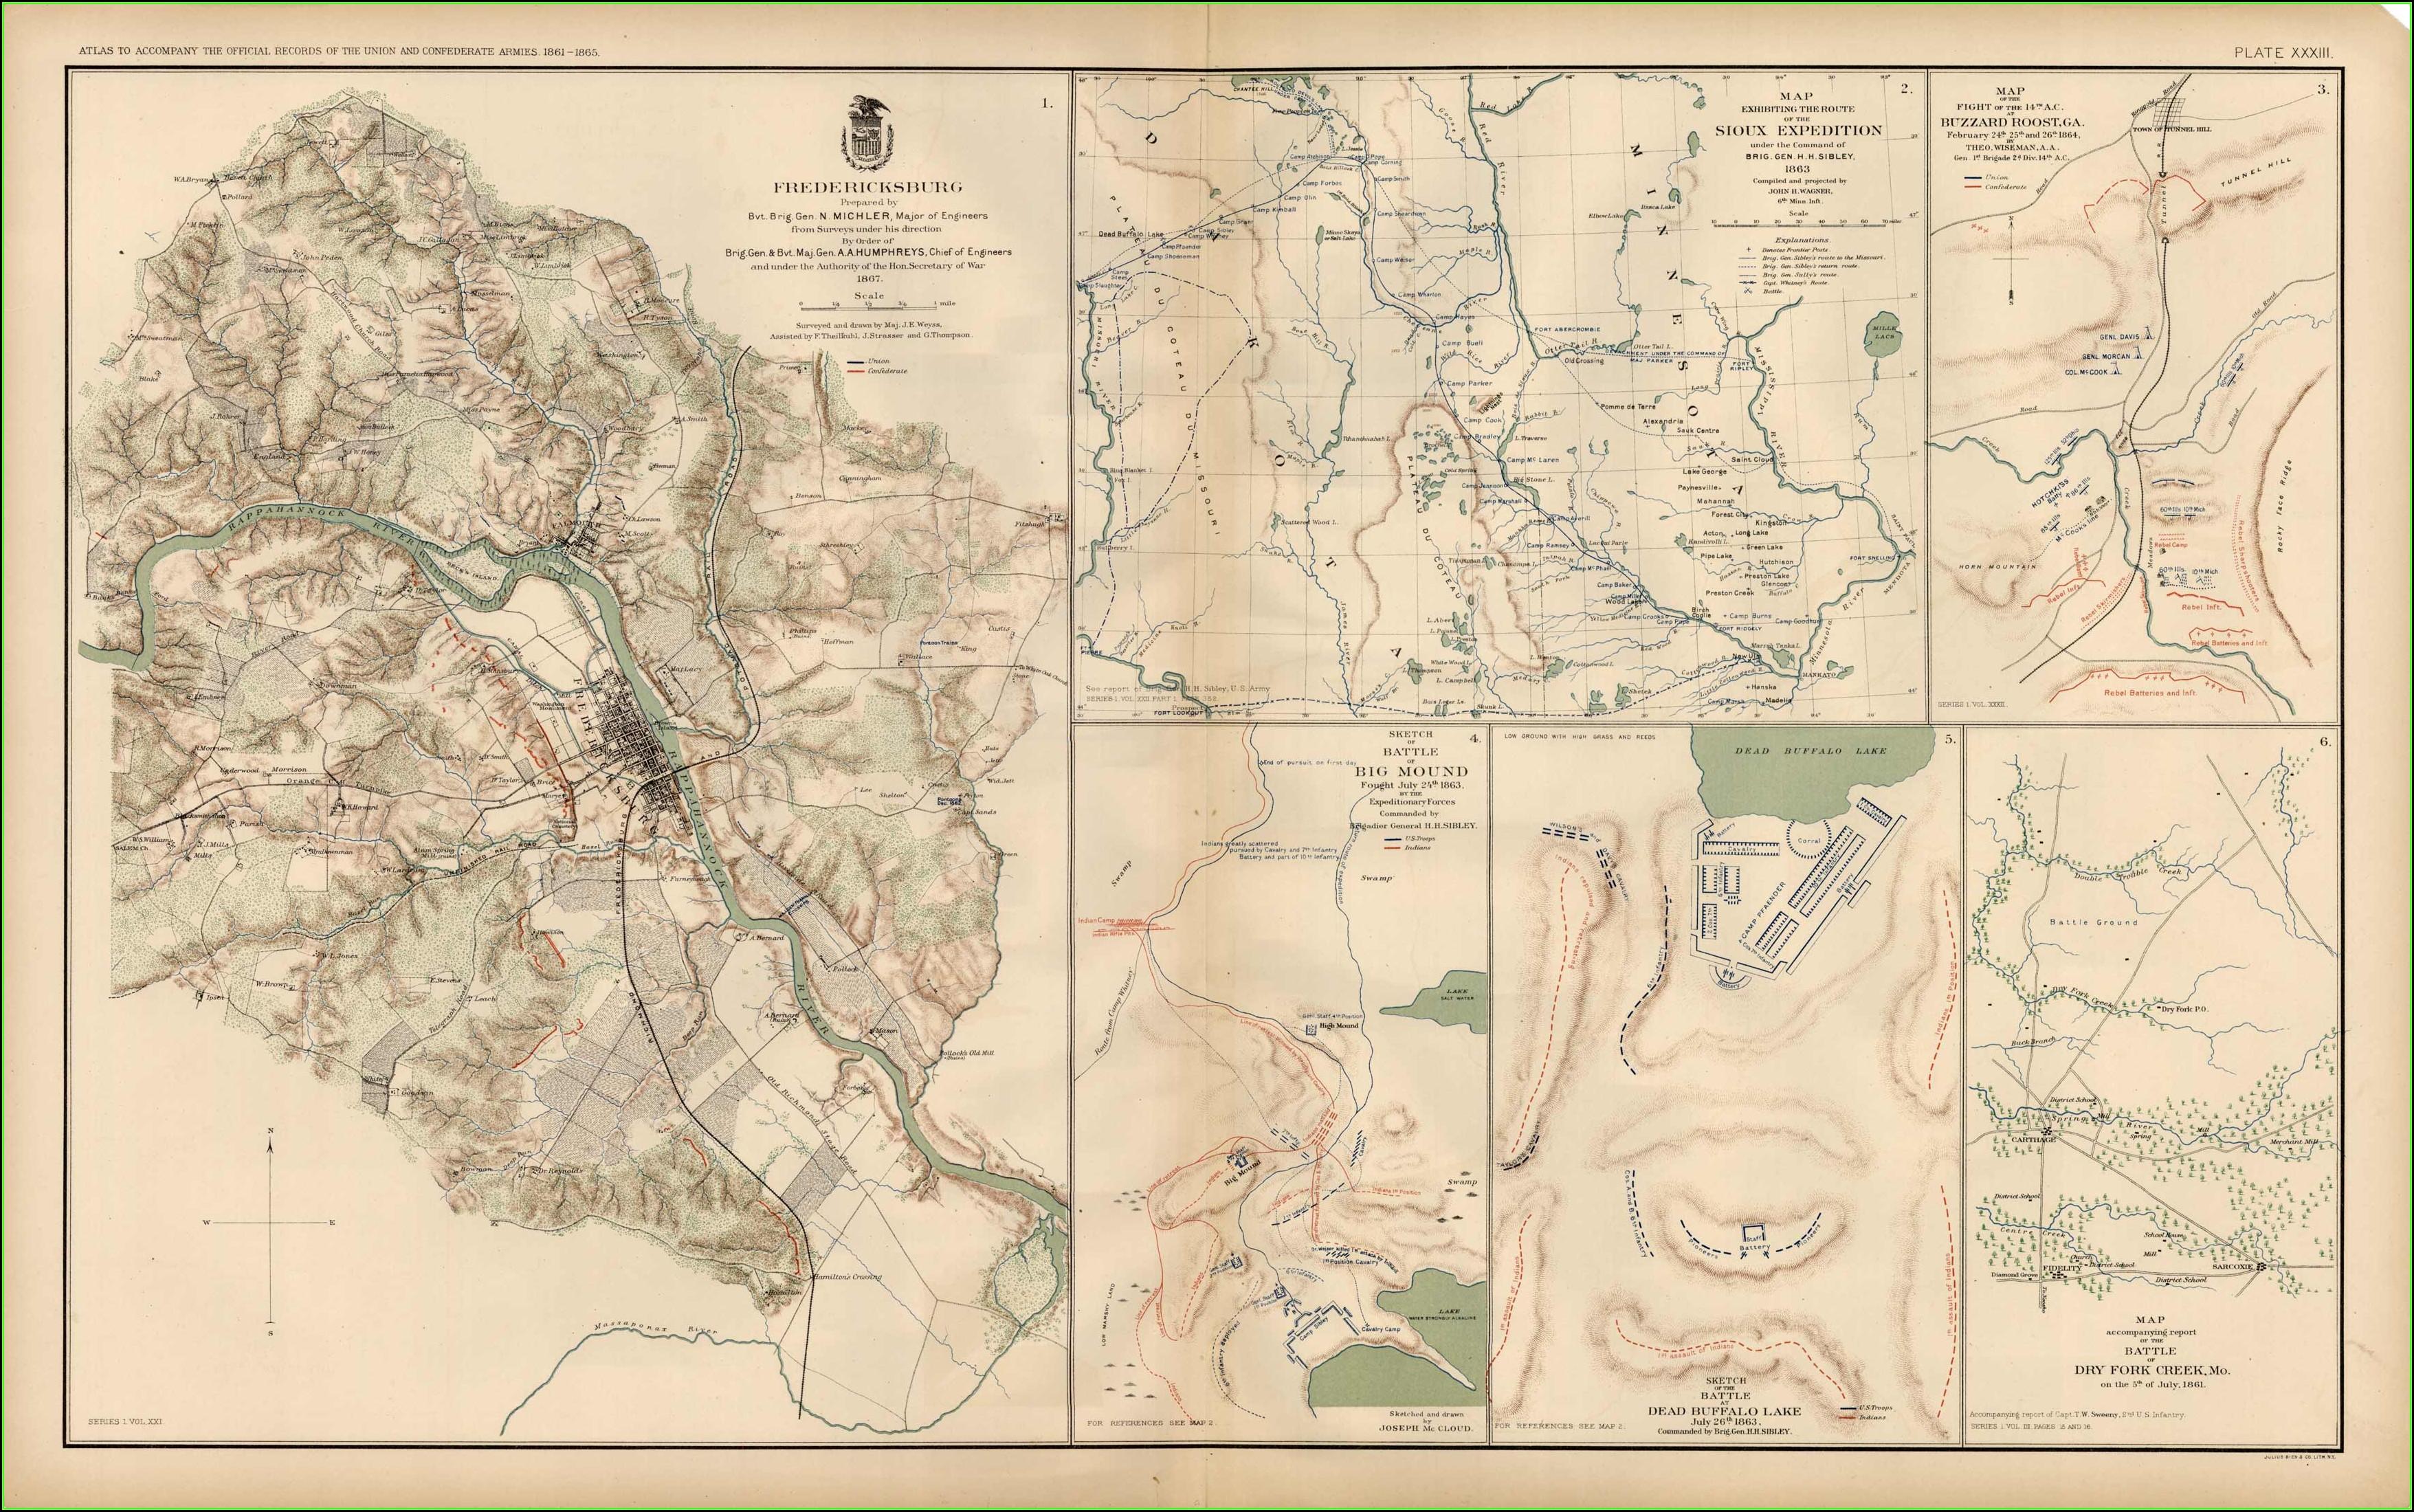 Maps Of Civil War Battles